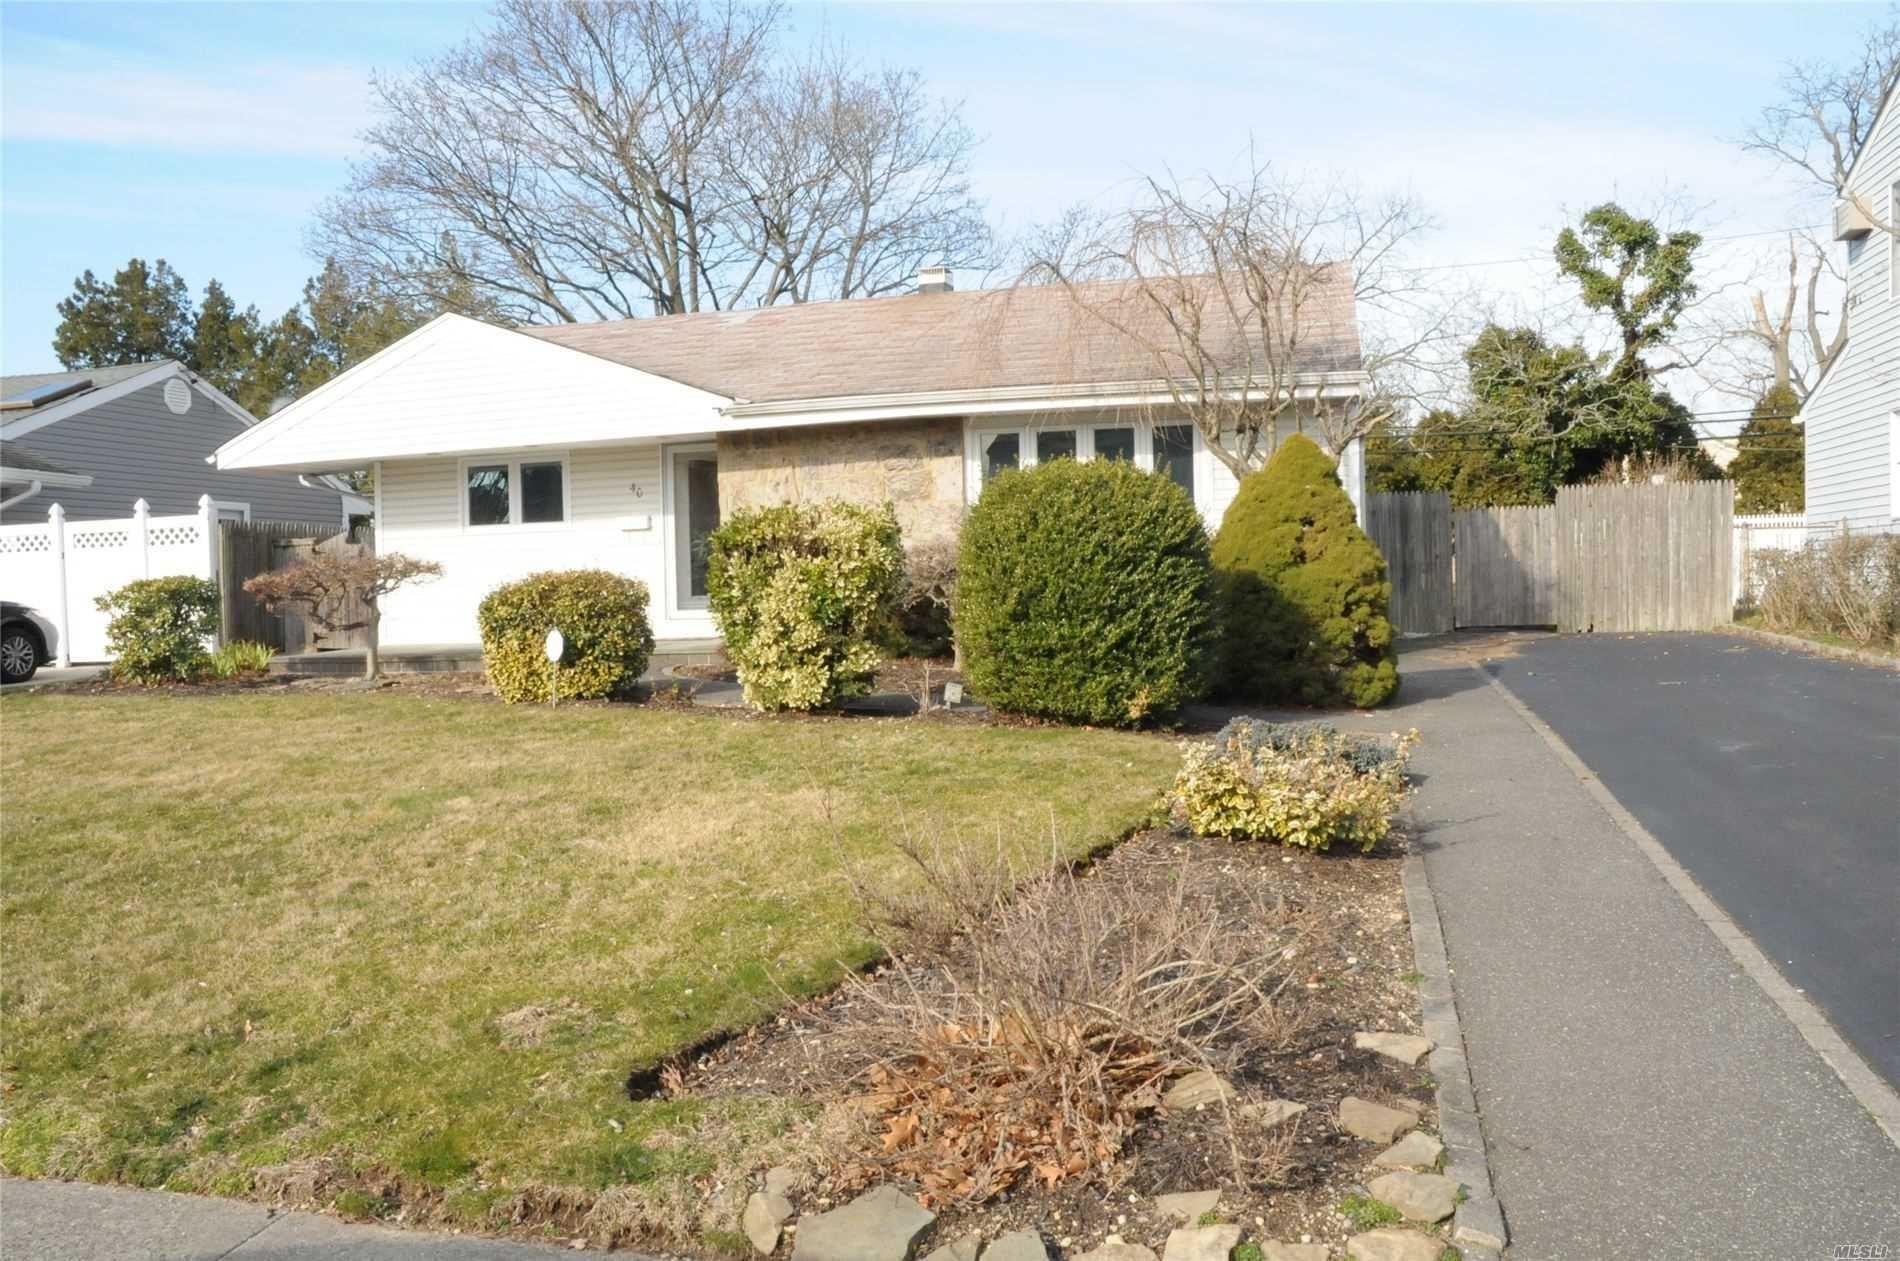 40 Seitz Drive, Bethpage, NY 11714 - MLS#: 3206806